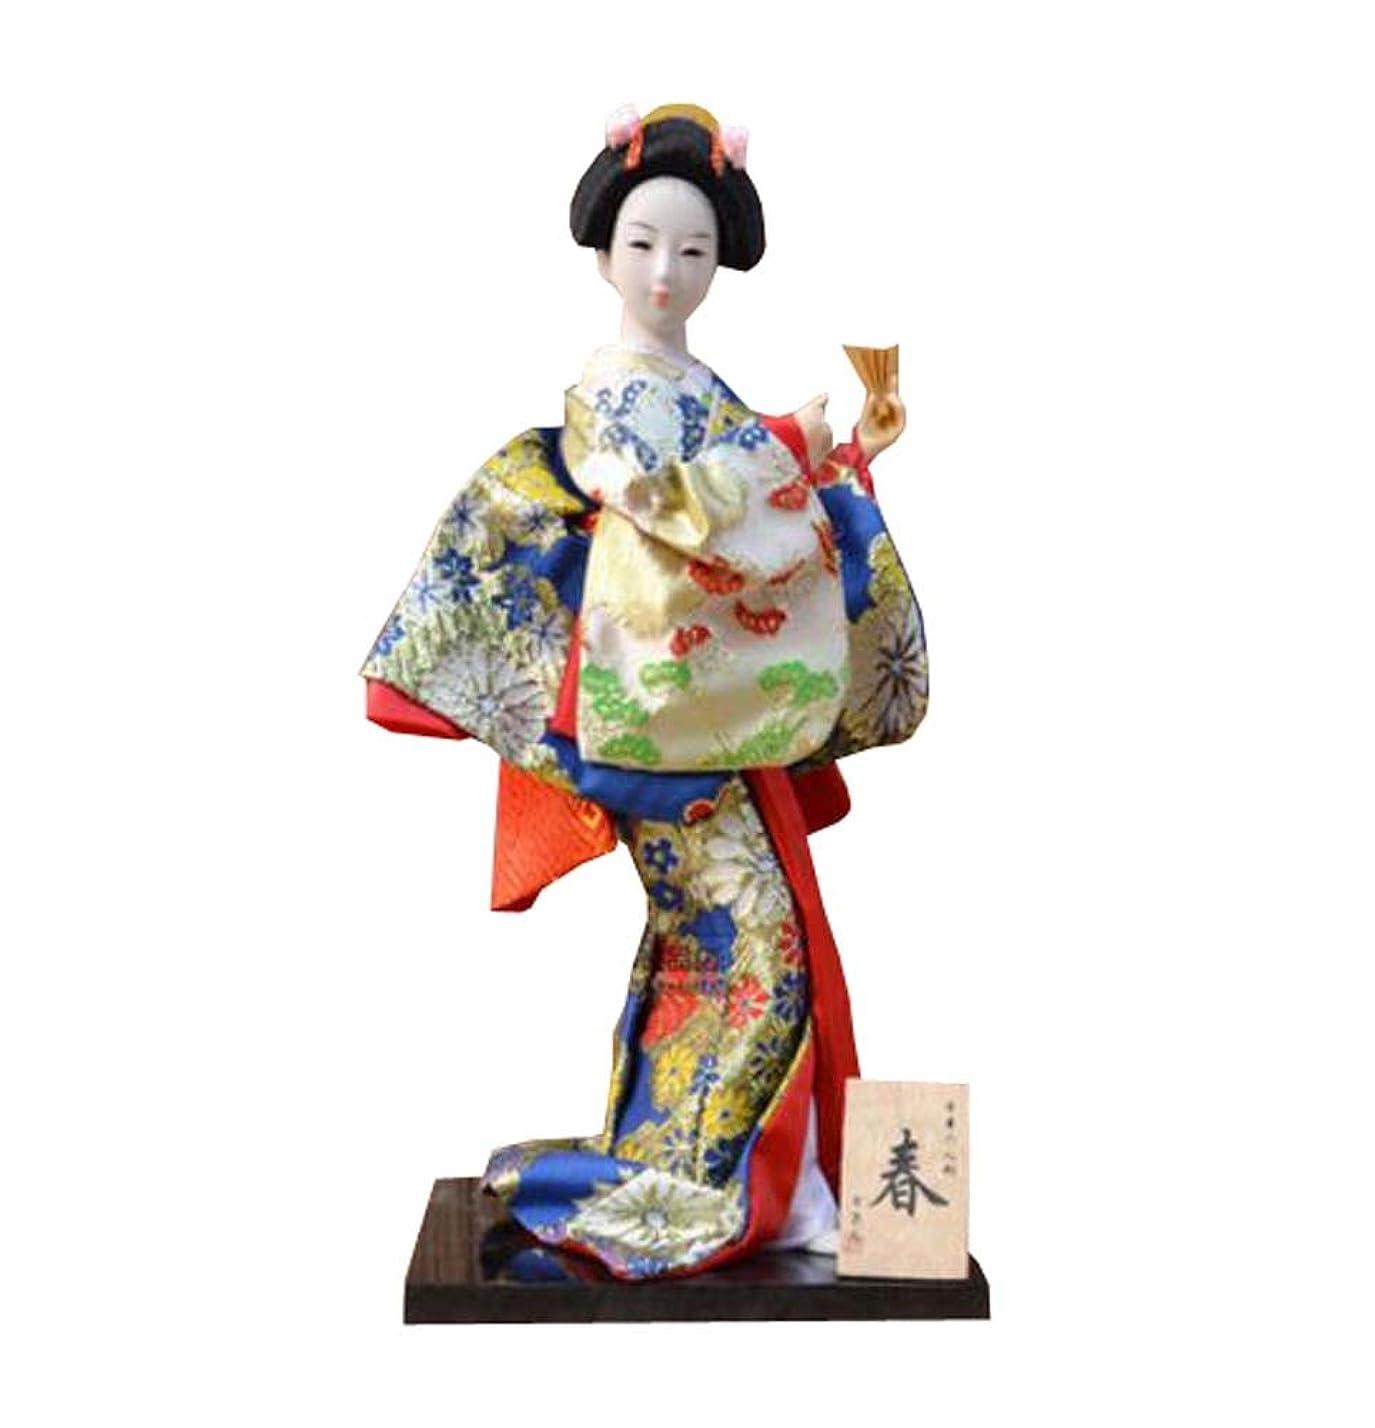 肺炎ブルーム構造的12inch美しい着物芸者/ギフト/装飾/アートクラフトコレクションB